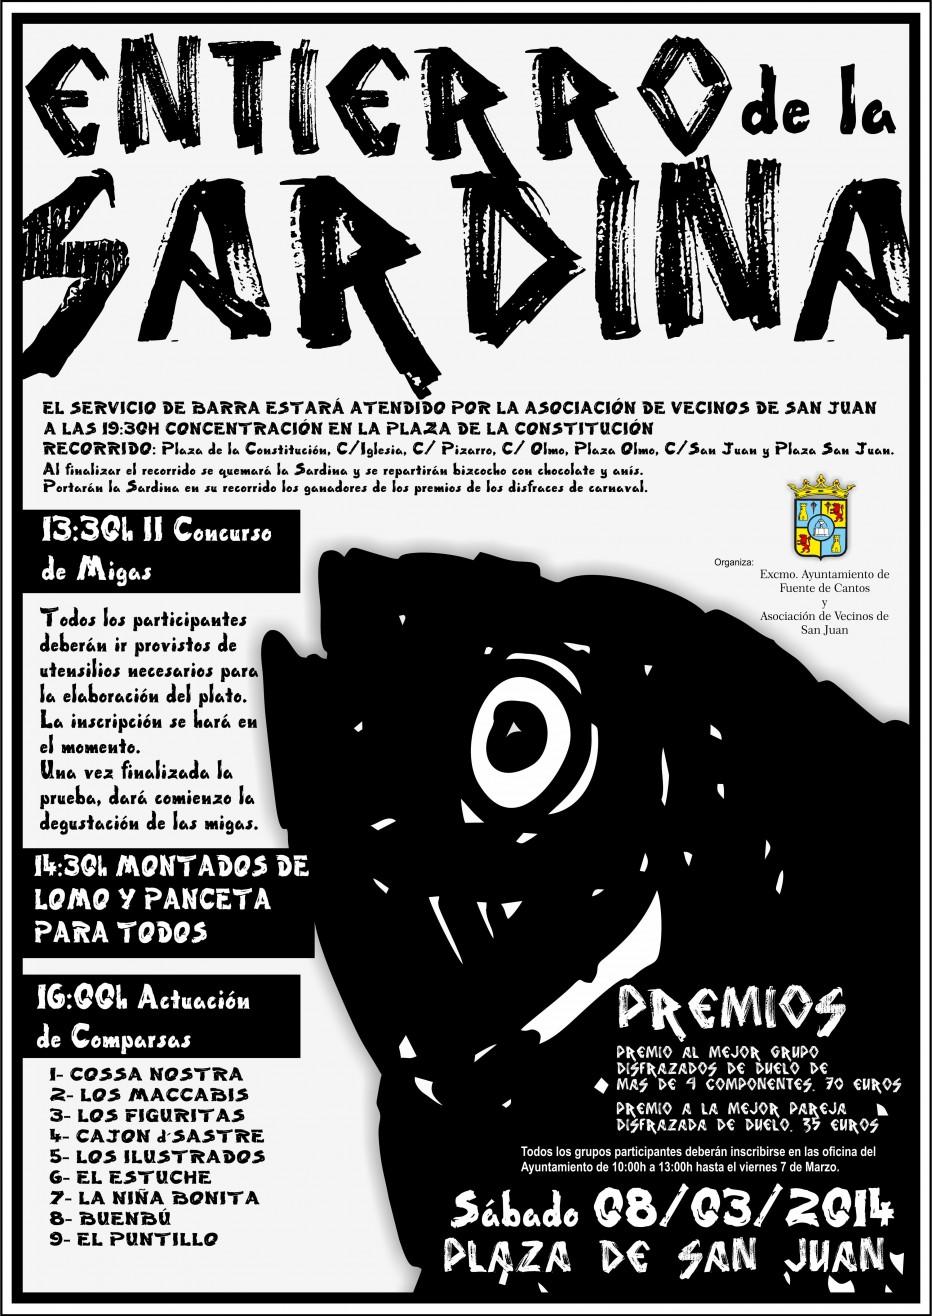 entiero-sardina.jpg